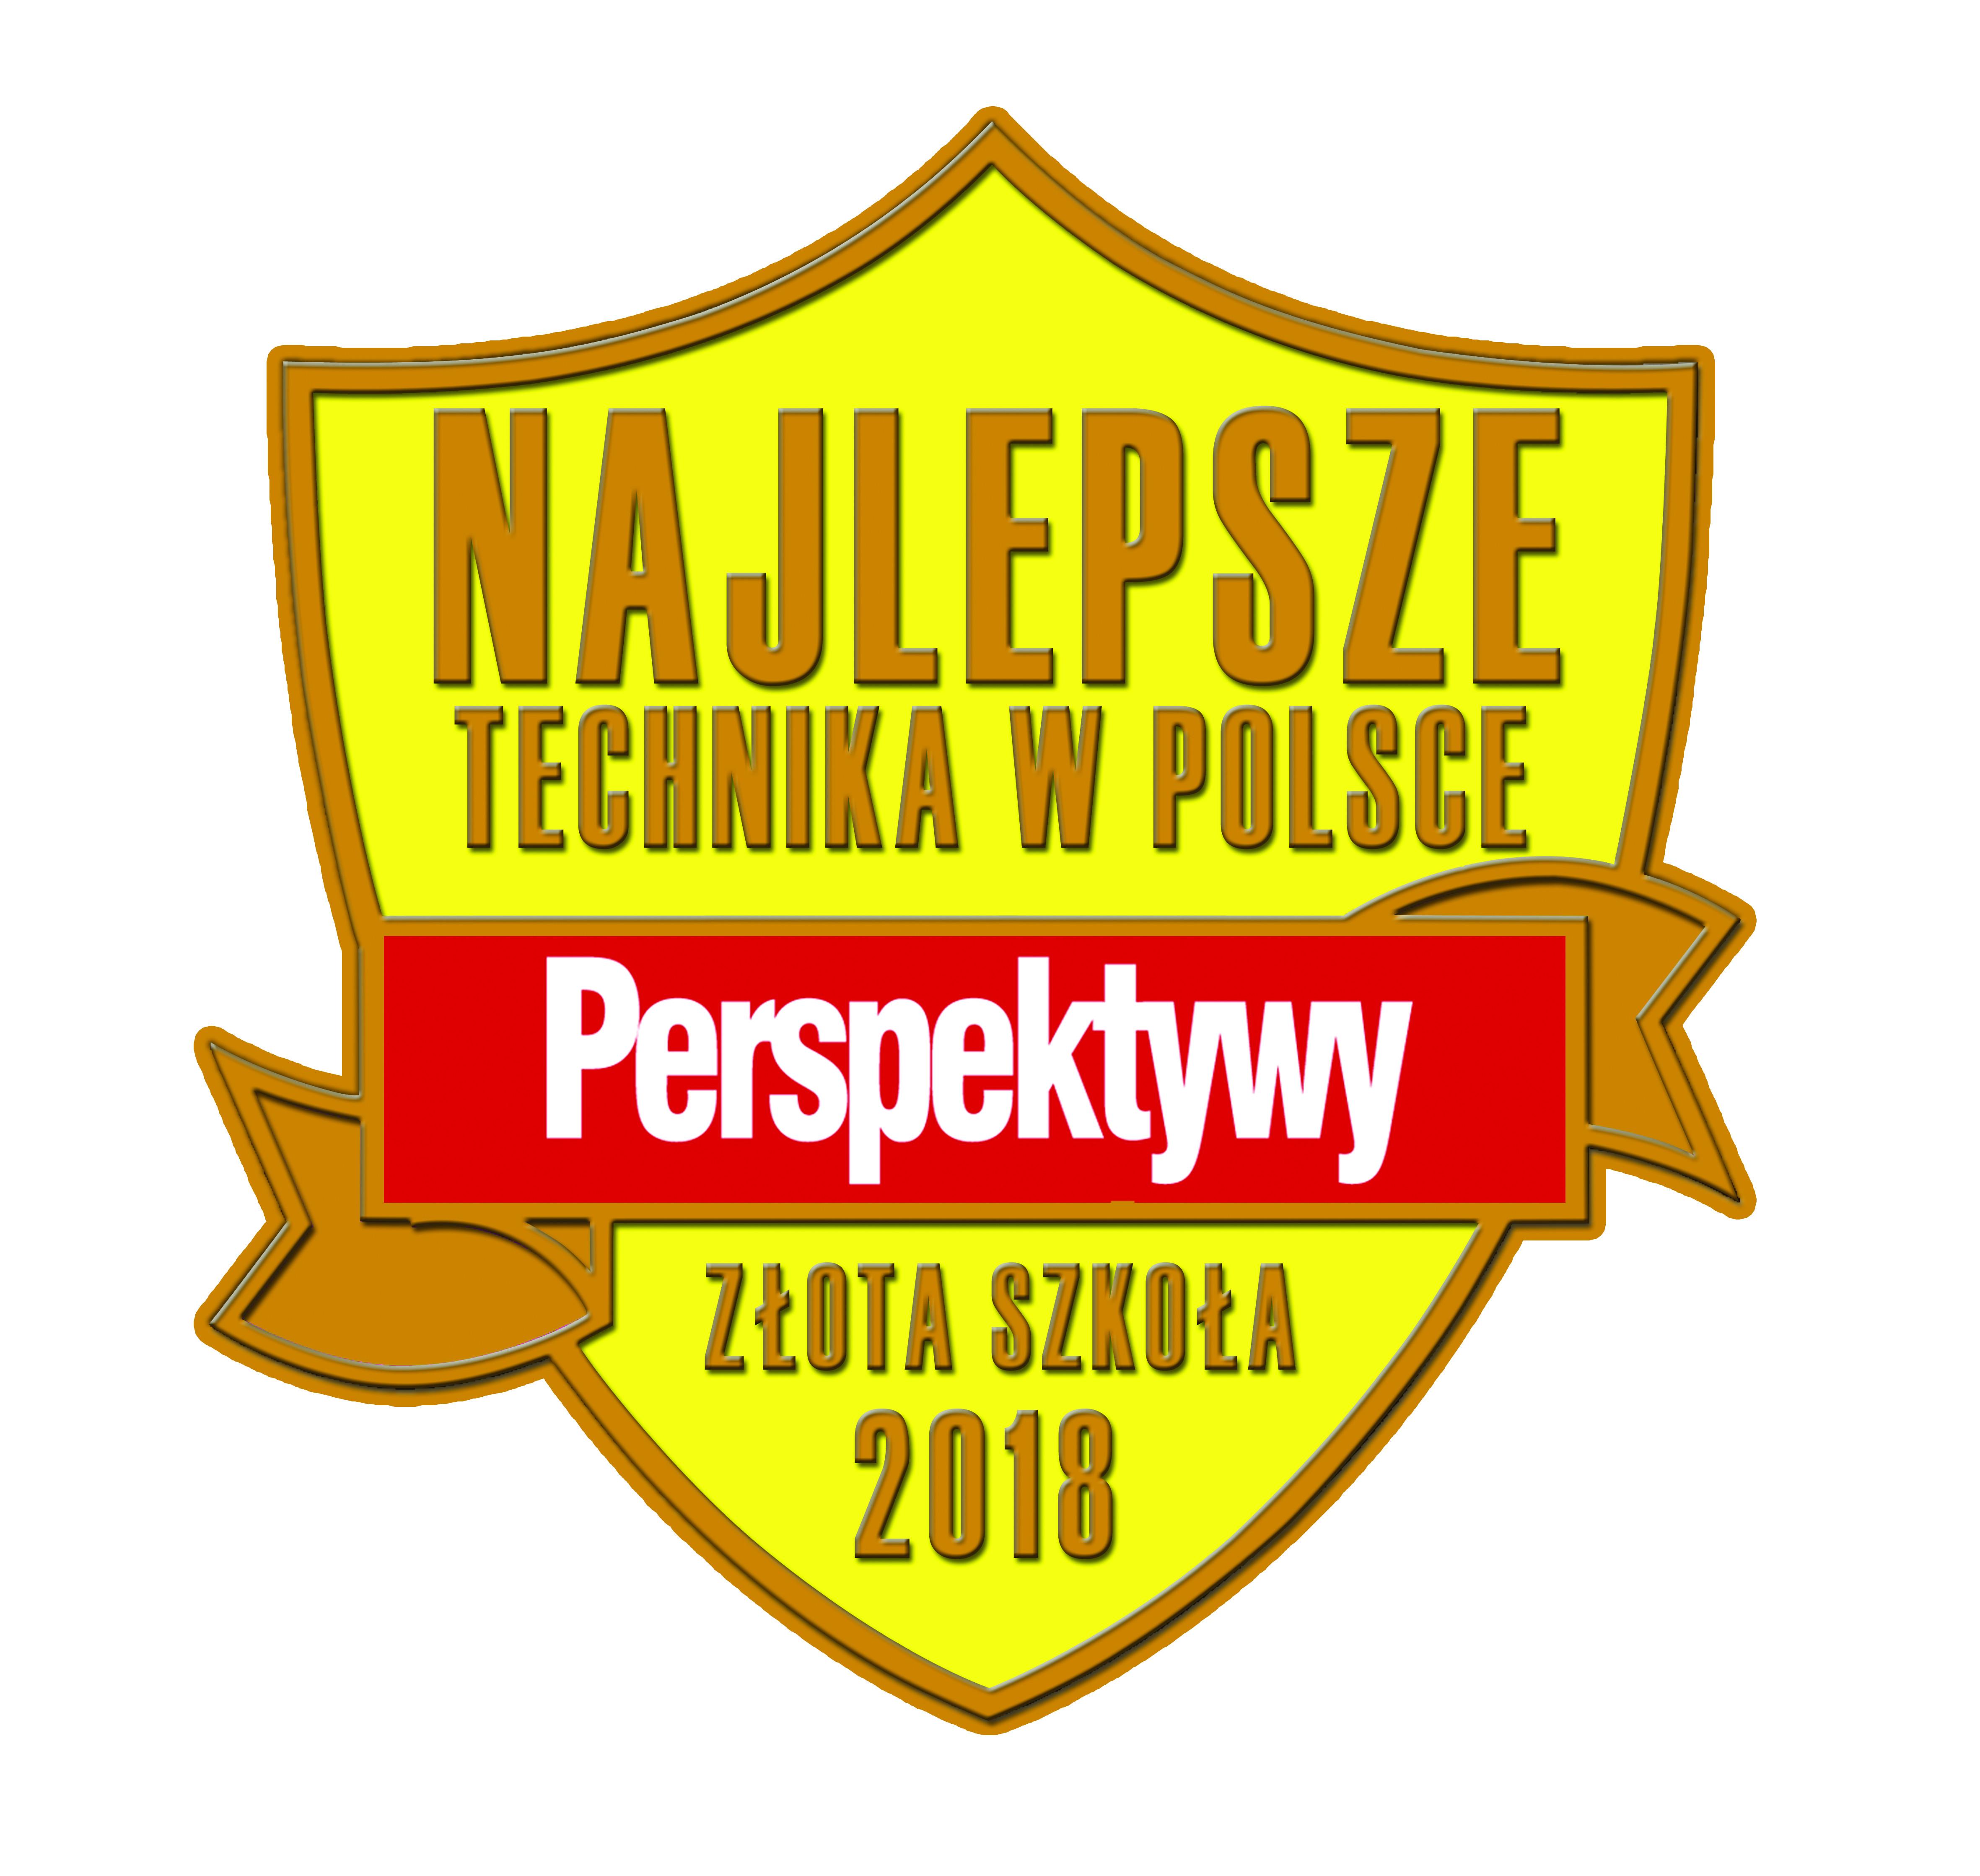 Fundacja Edukacyjna 'Perspektywy' potwierdza, że  TECHNIKUM NR 1 W ZESPOLE SZKÓŁ IM. WŁADYSŁAWA SZYBIŃSKIEGO w Cieszynie  jest wśród 300 najlepszych techników w Polsce sklasyfikowanych w Rankingu Szkół Ponadgimnazjalnych PERSPEKTYWY 2018 i przysługuje mu tytuł 'Złotej Szkoły 2018'.